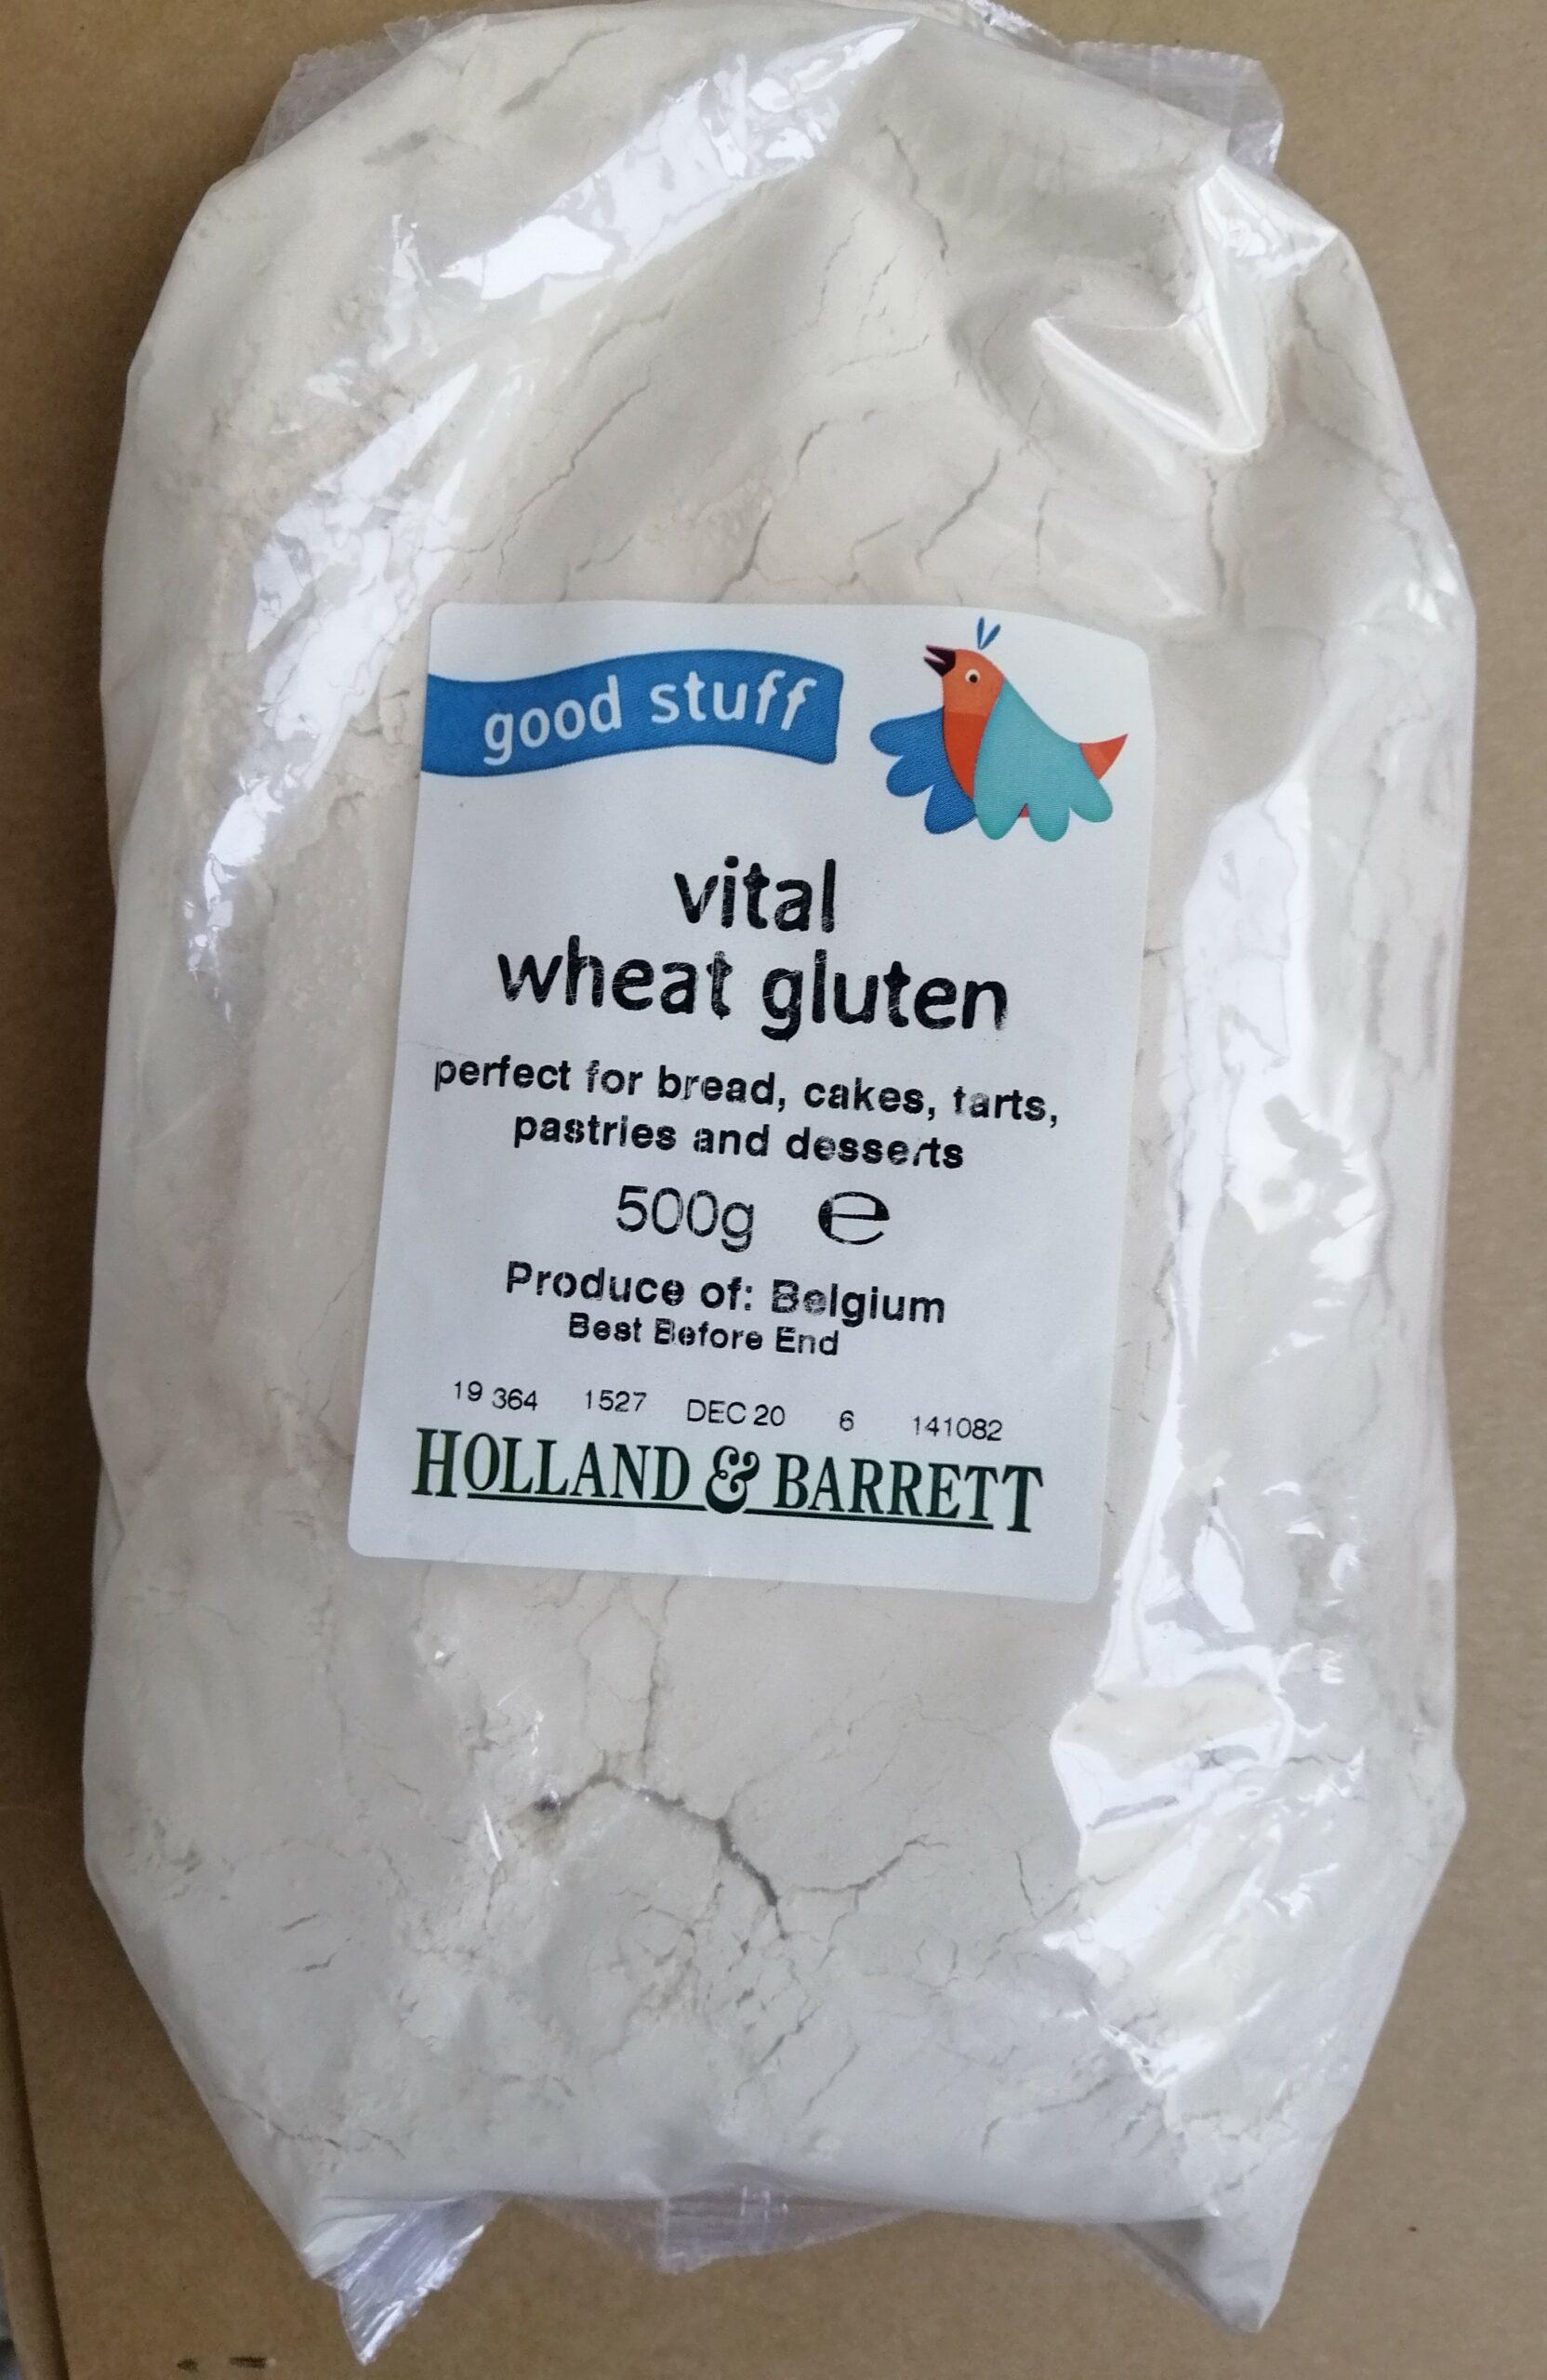 Vital Wheat Gluten 500g Holland & Barrett Price in Pakista